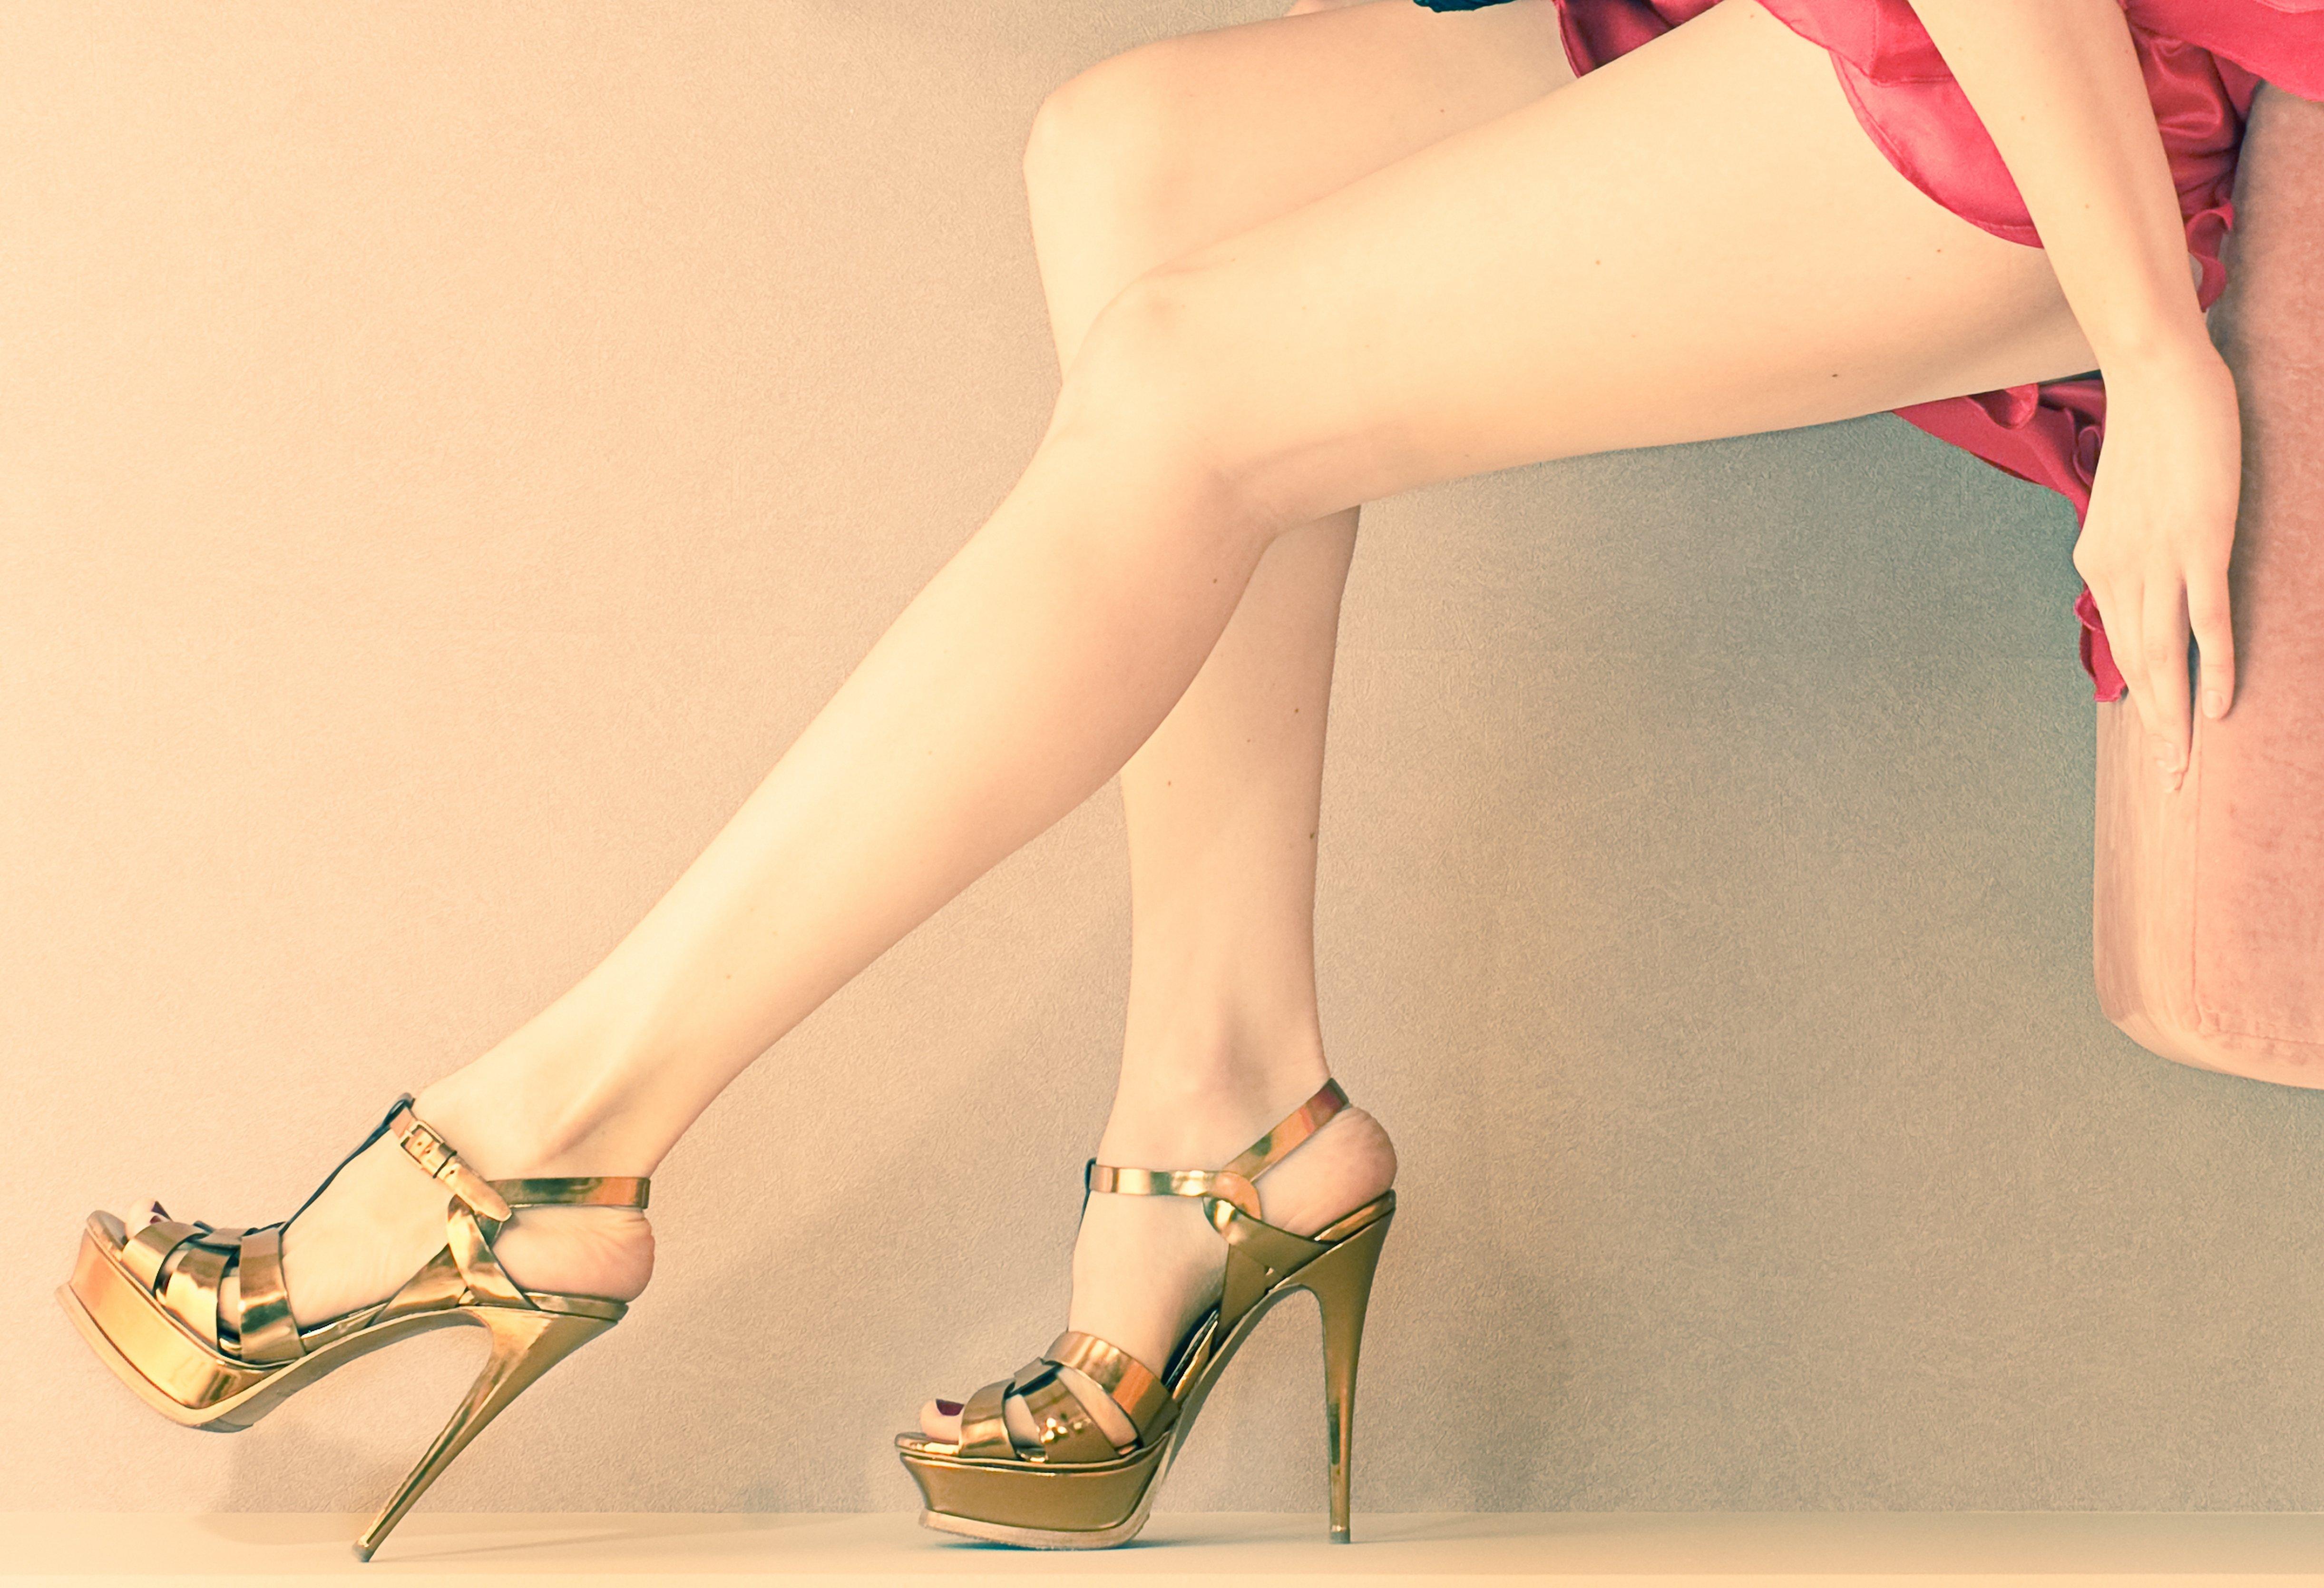 Фото женских ножек в обуви 24 фотография